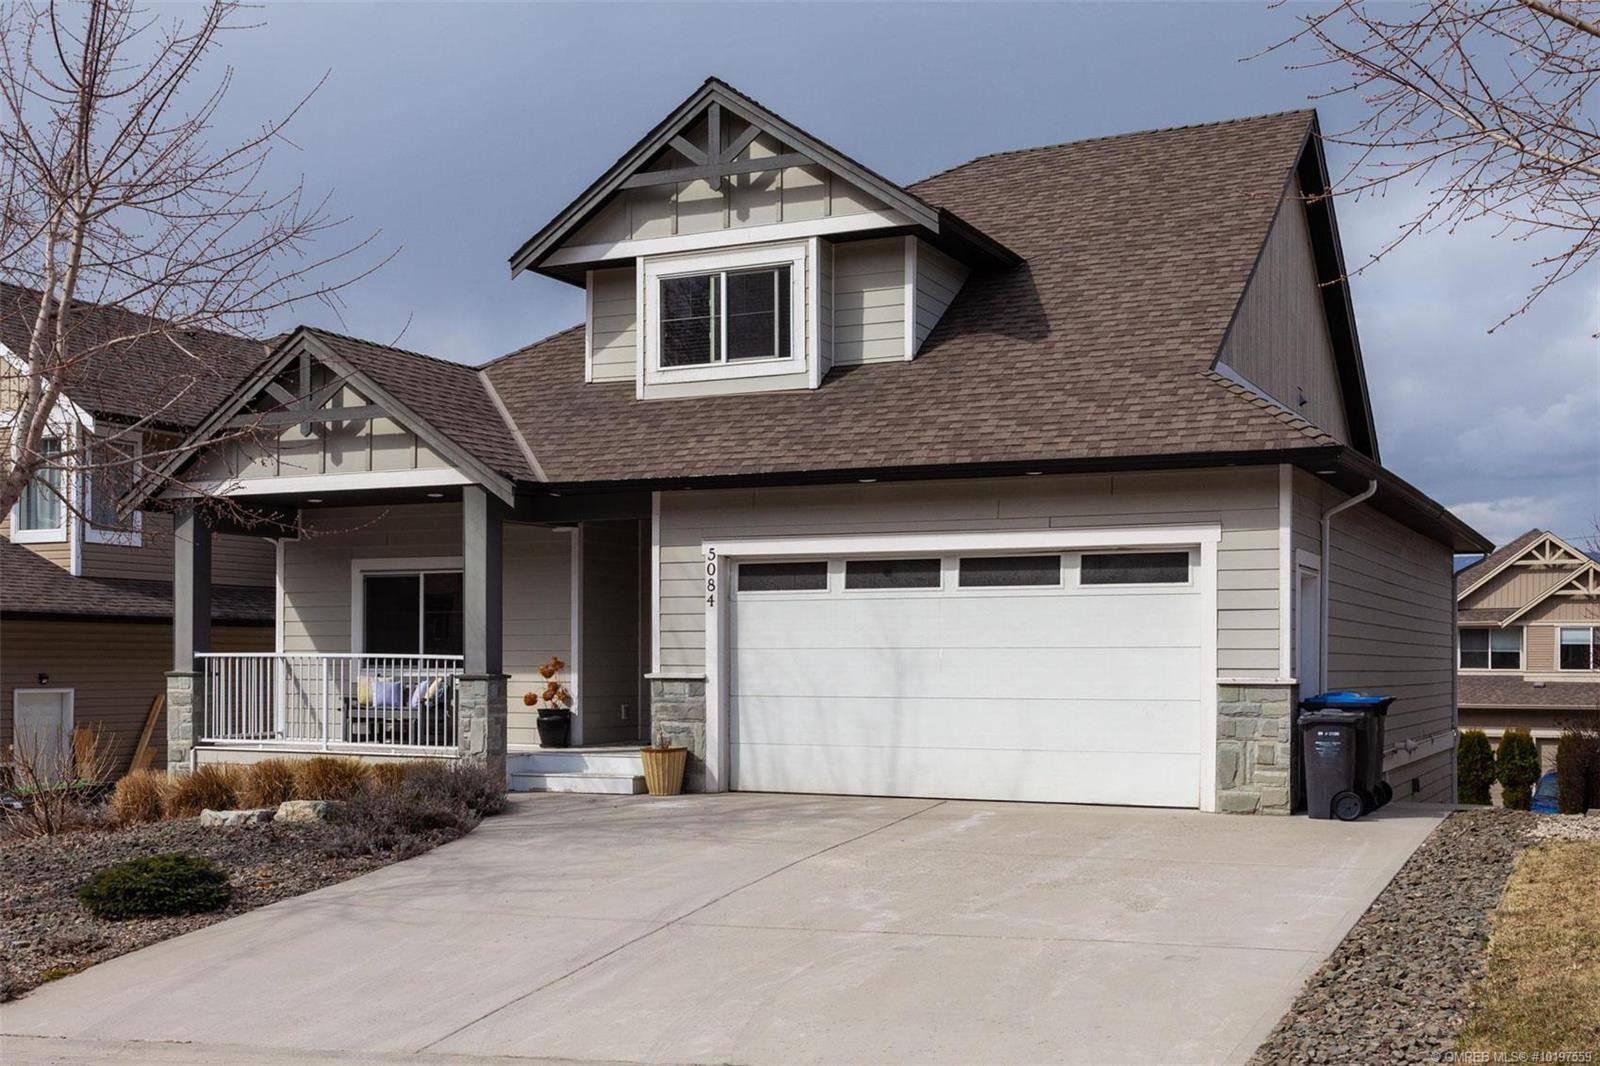 House for sale at 5084 Seon Cres Kelowna British Columbia - MLS: 10197559